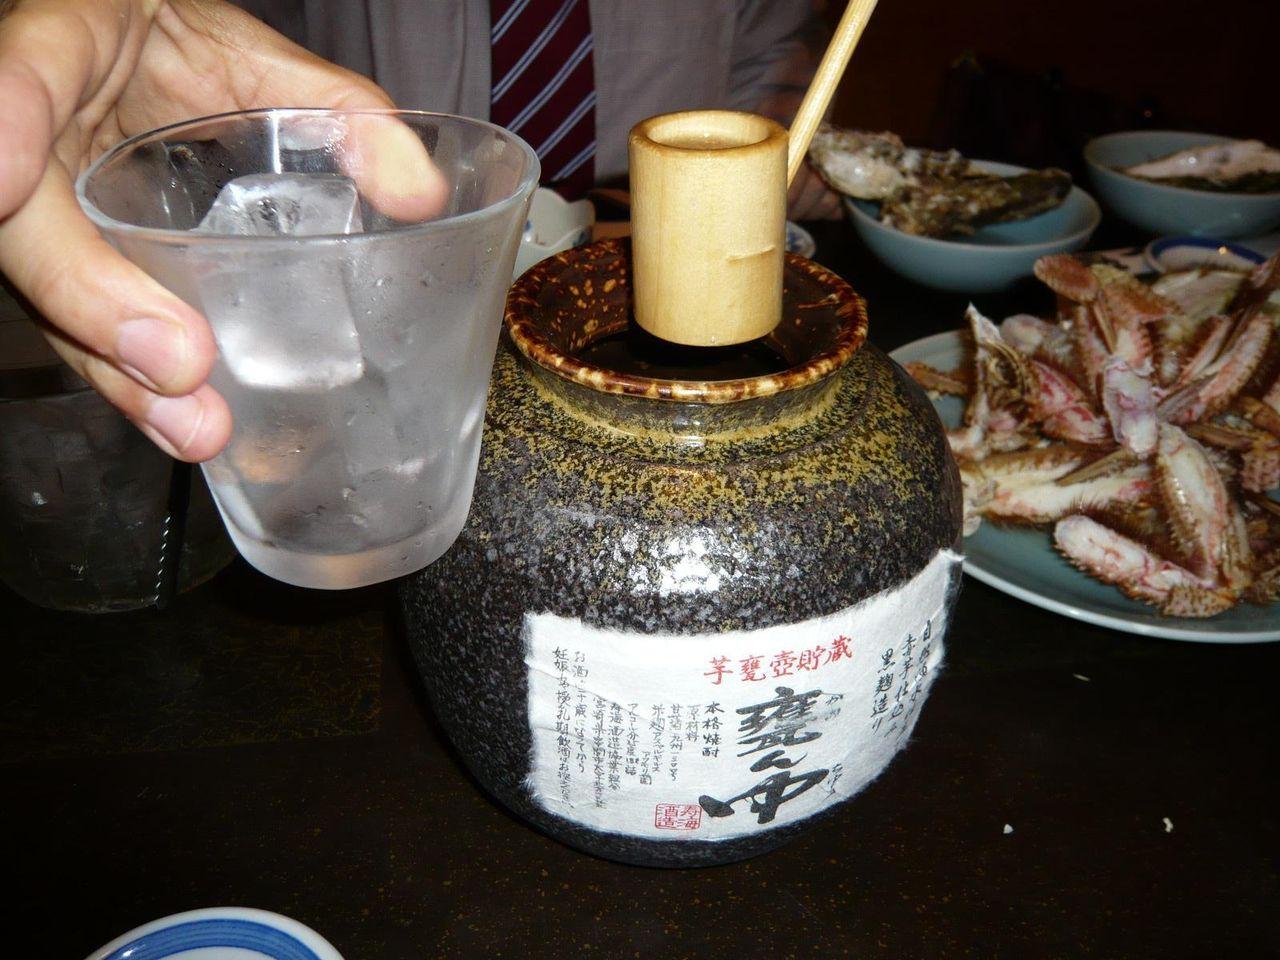 赤芋を使用した芋焼酎「甕ん中」